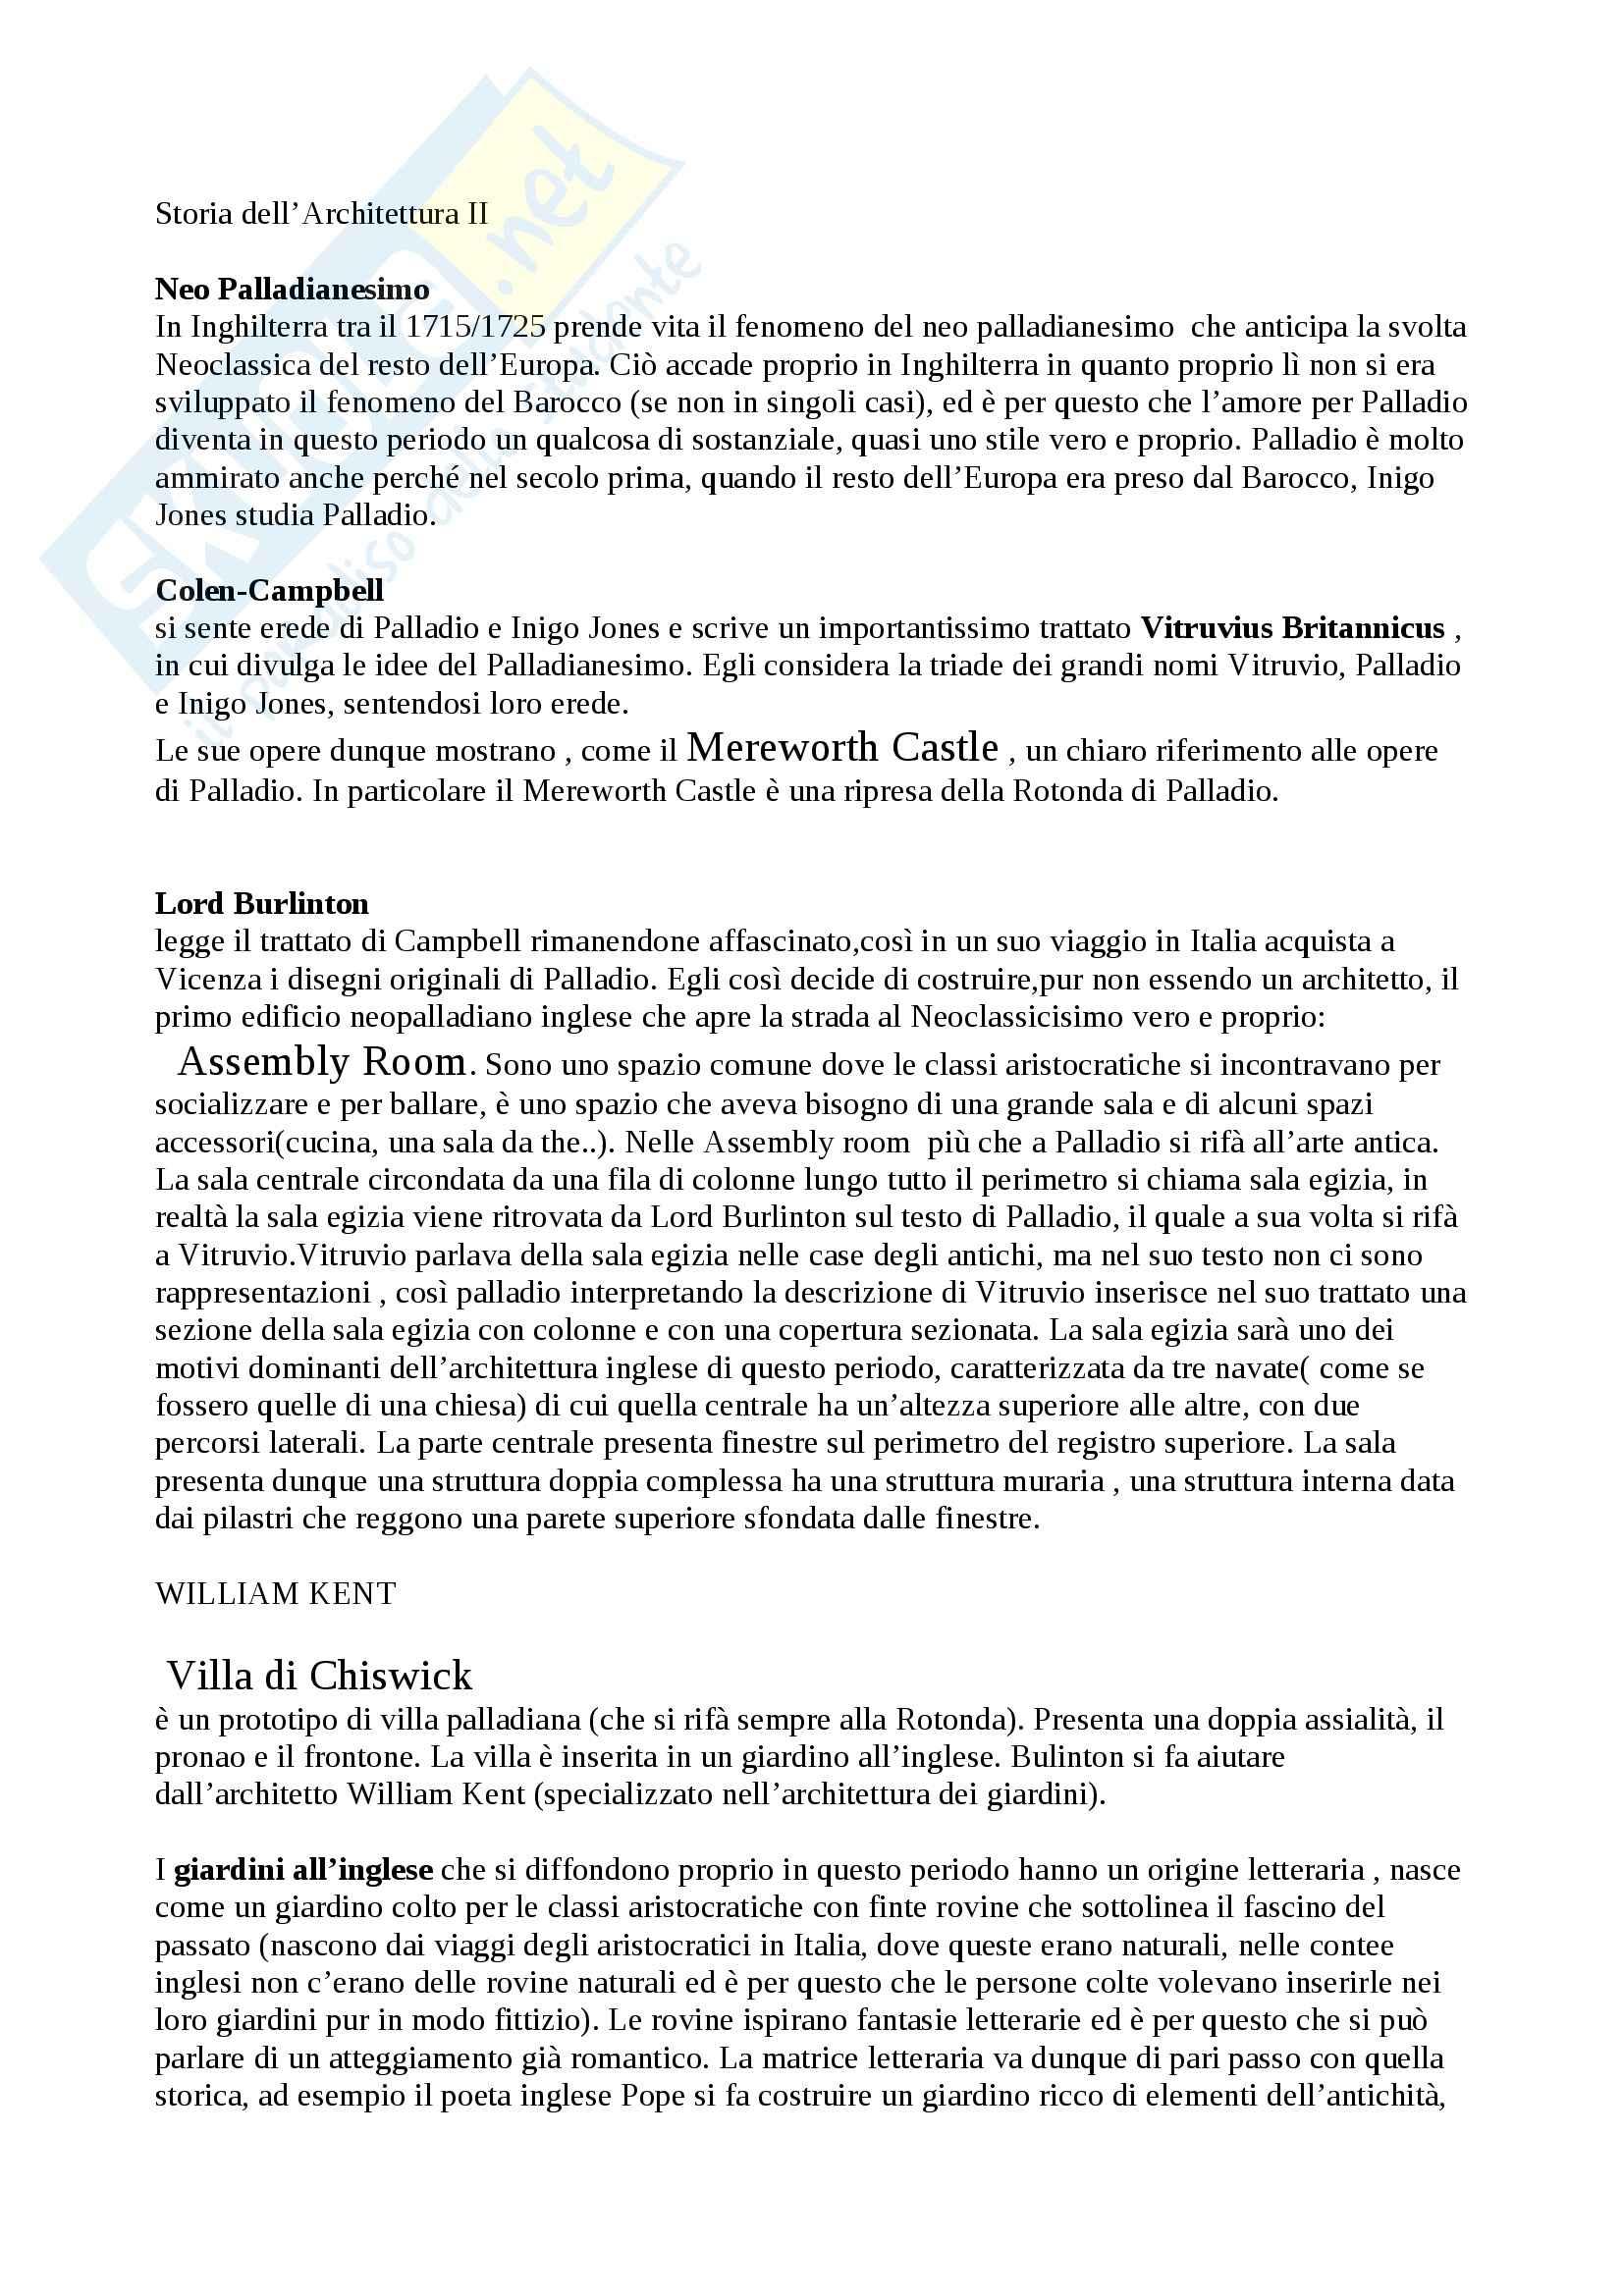 Storia dell'architettura - neopalladianesimo Pag. 1